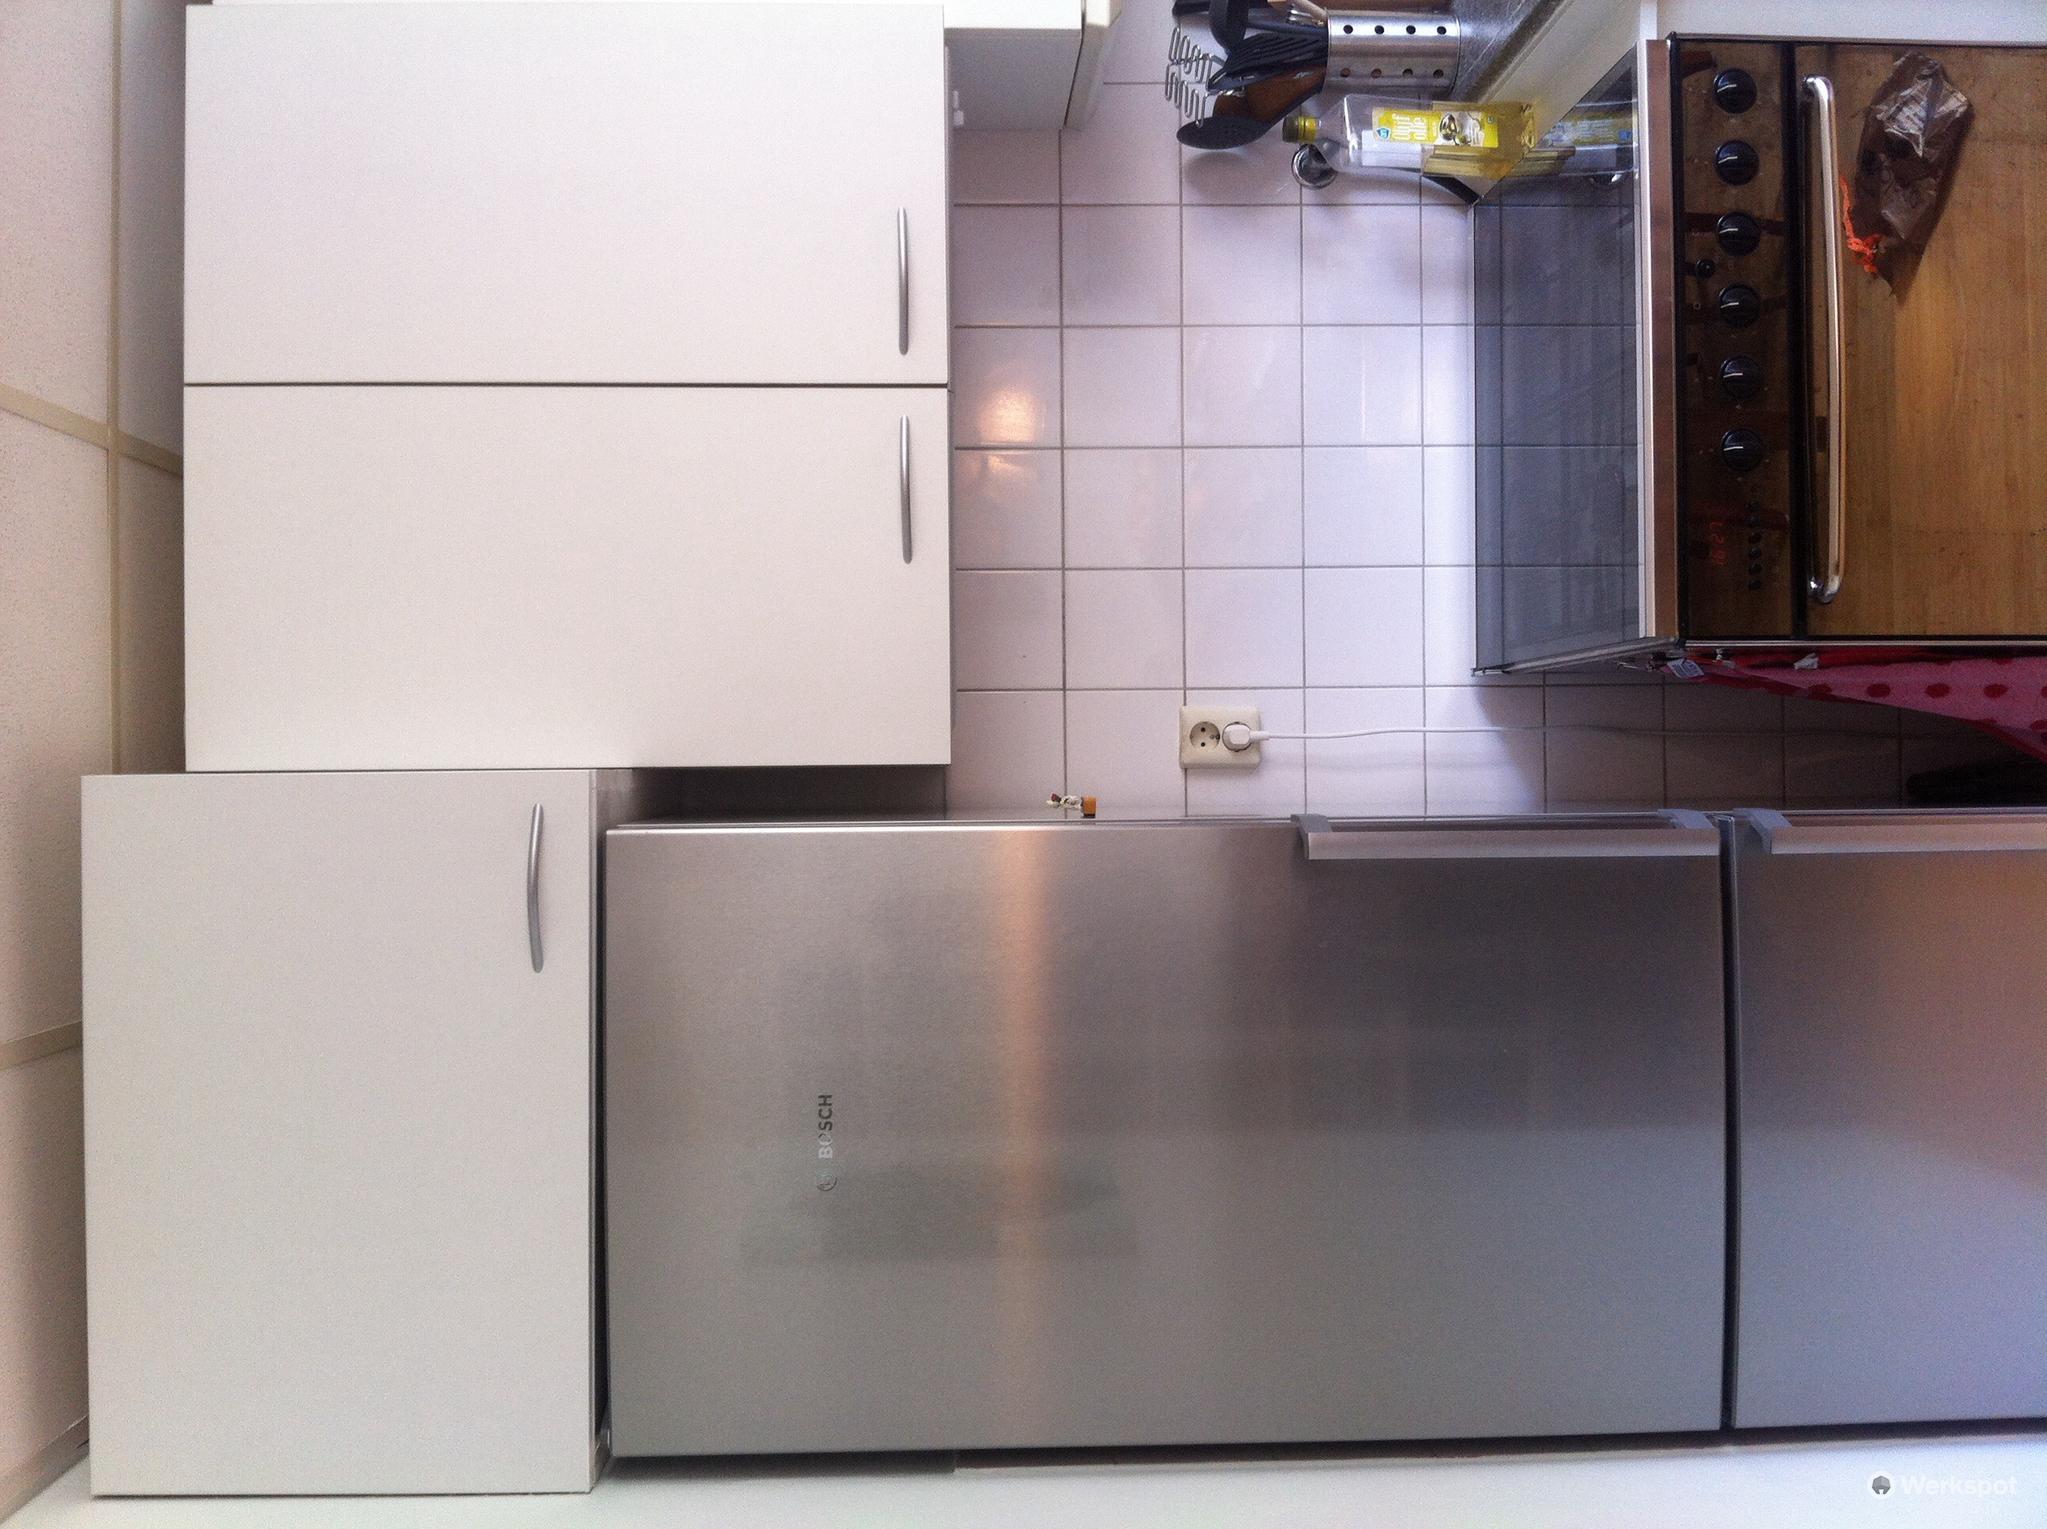 Extra Werkblad Keuken : Moderne keukens van der stad keukens tegels badkamers